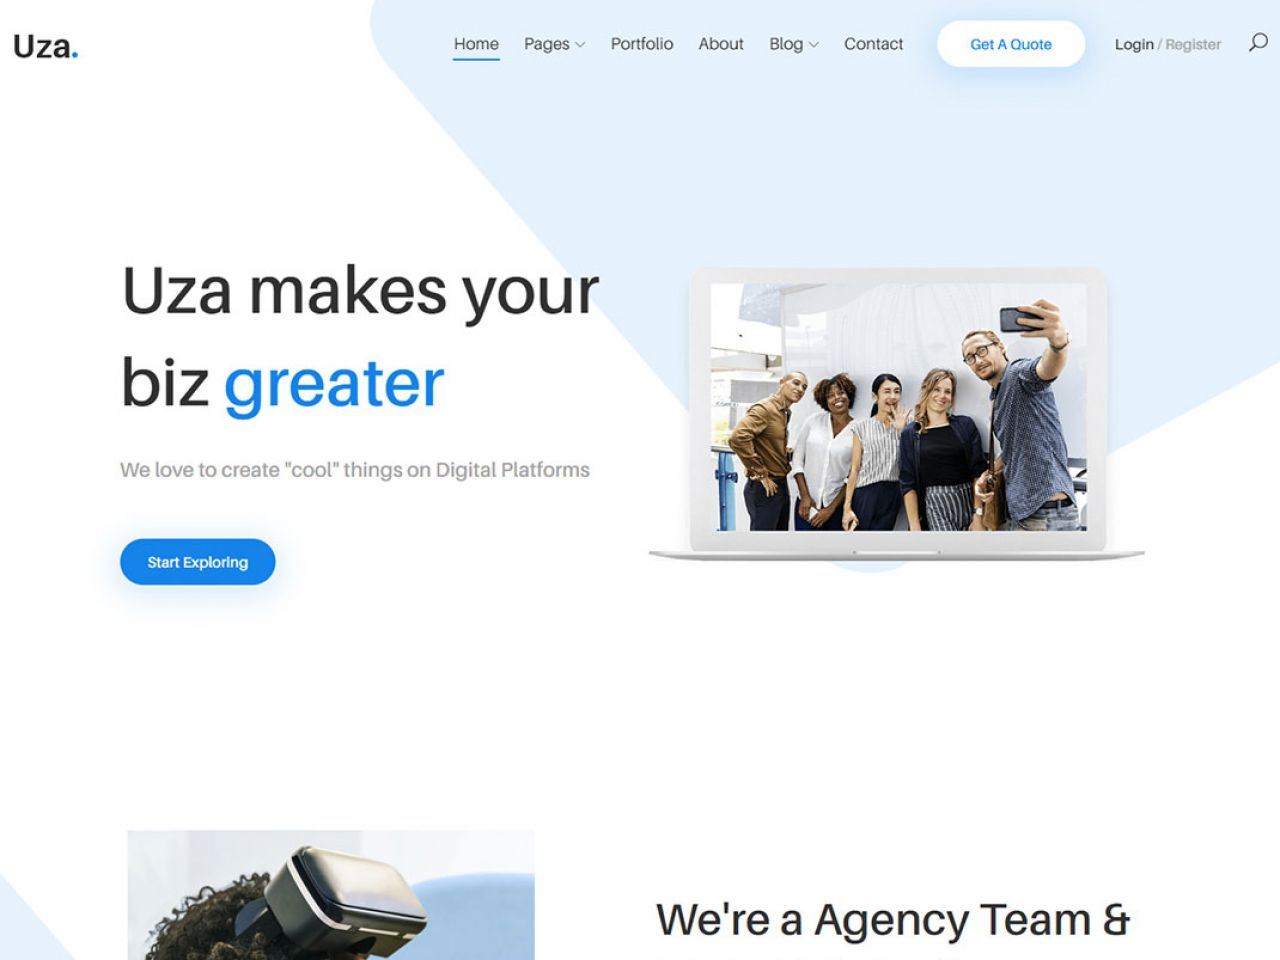 Uza-浅蓝色企业或机构官网模板